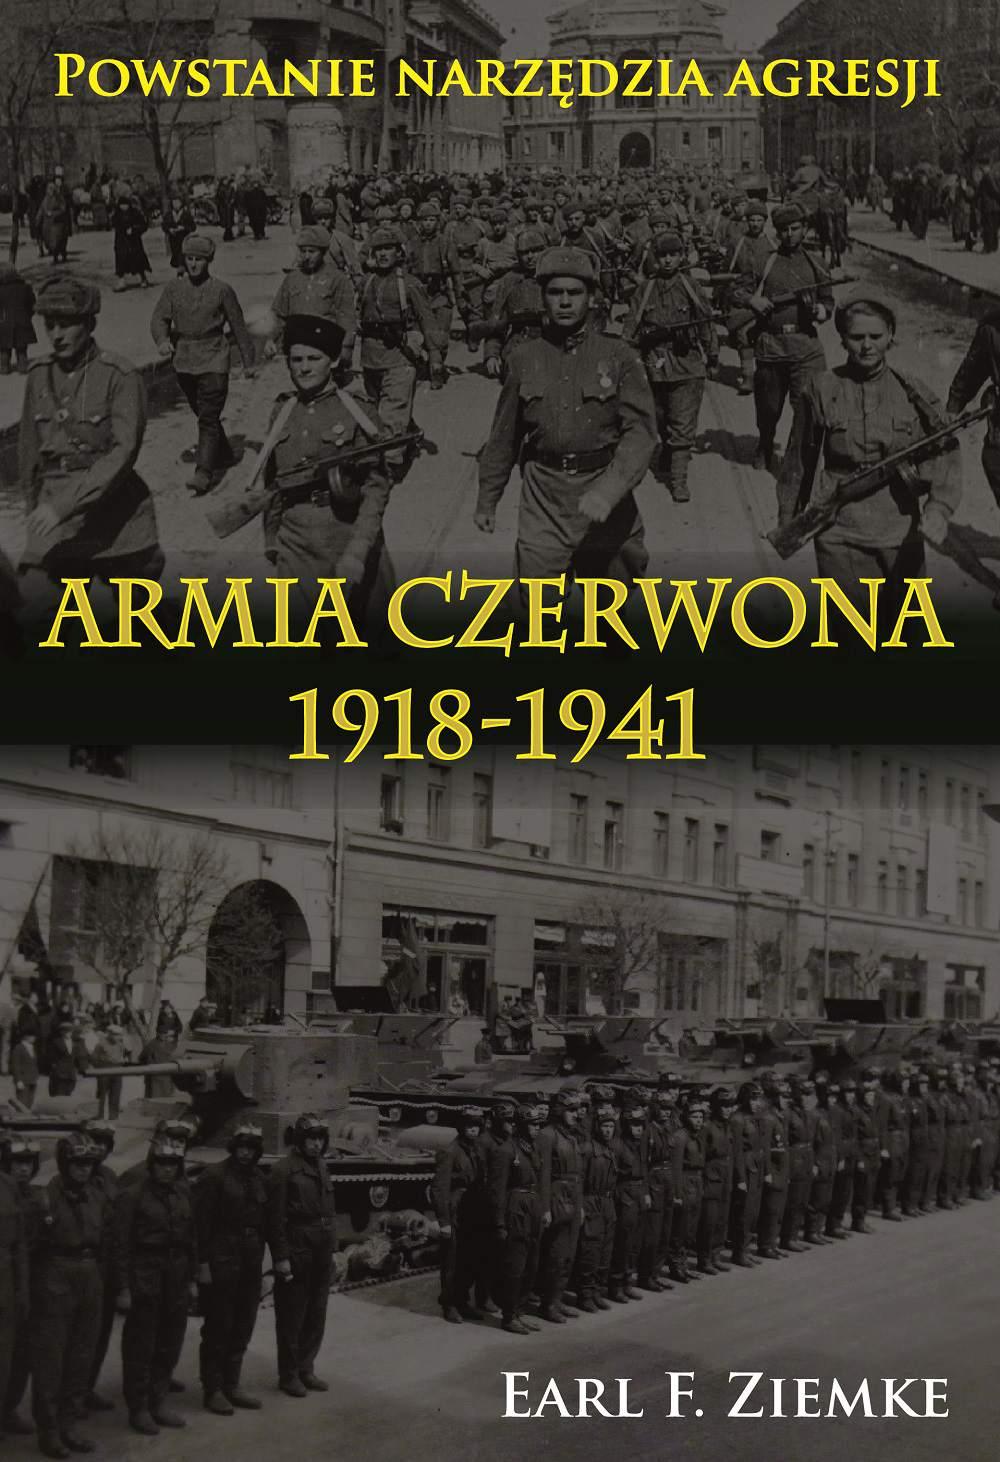 Armia Czerwona 1918-1941. Powstanie narzędzia agresji - Ebook (Książka na Kindle) do pobrania w formacie MOBI